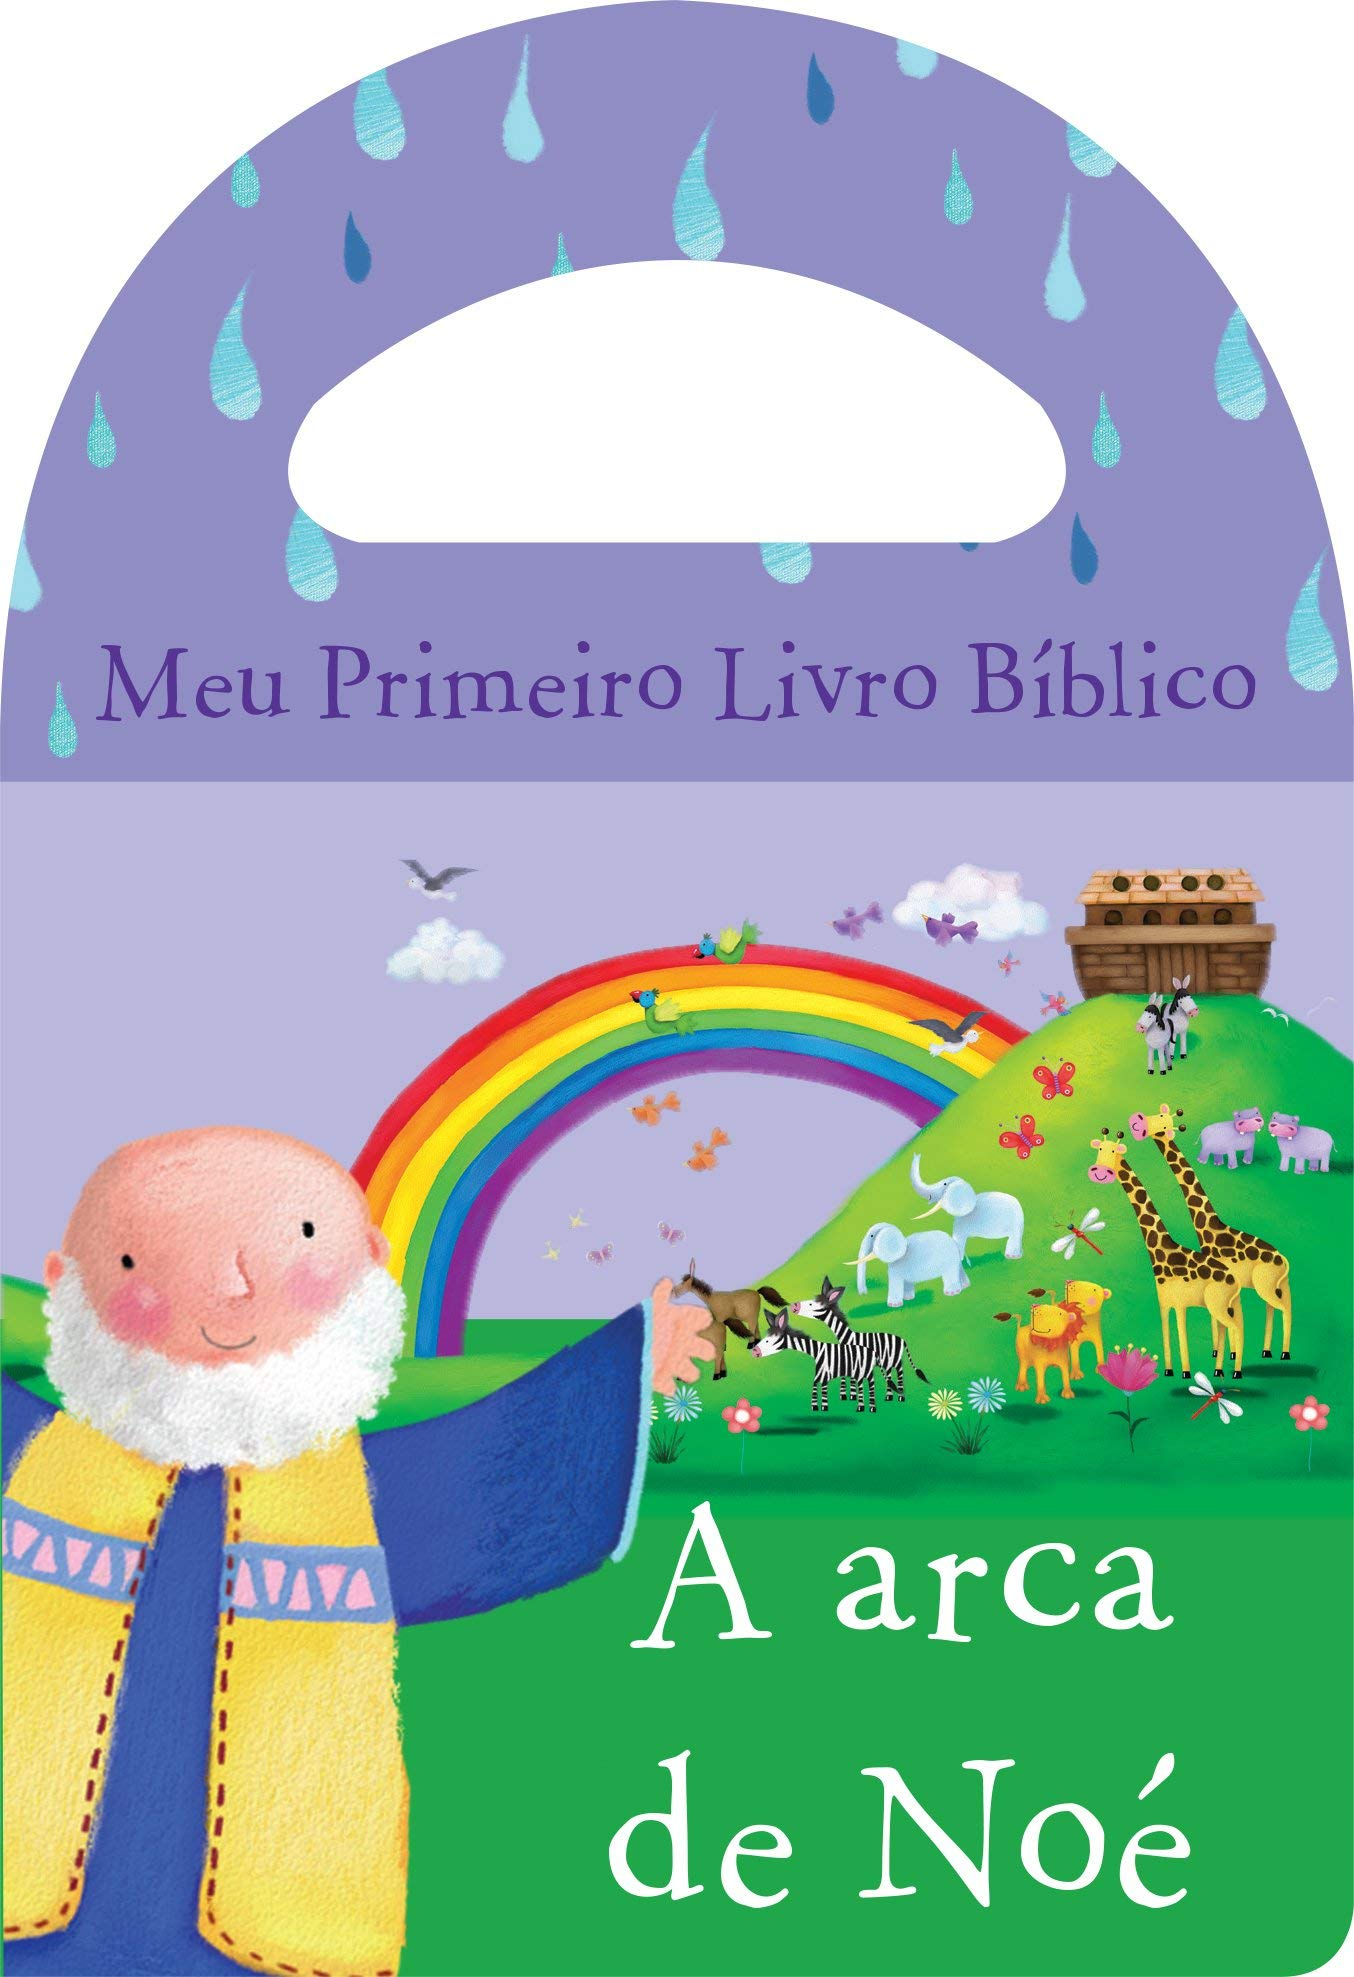 BANHO/MEU PRIM. LIVRO BIBLICO - A ARCA DE NOE